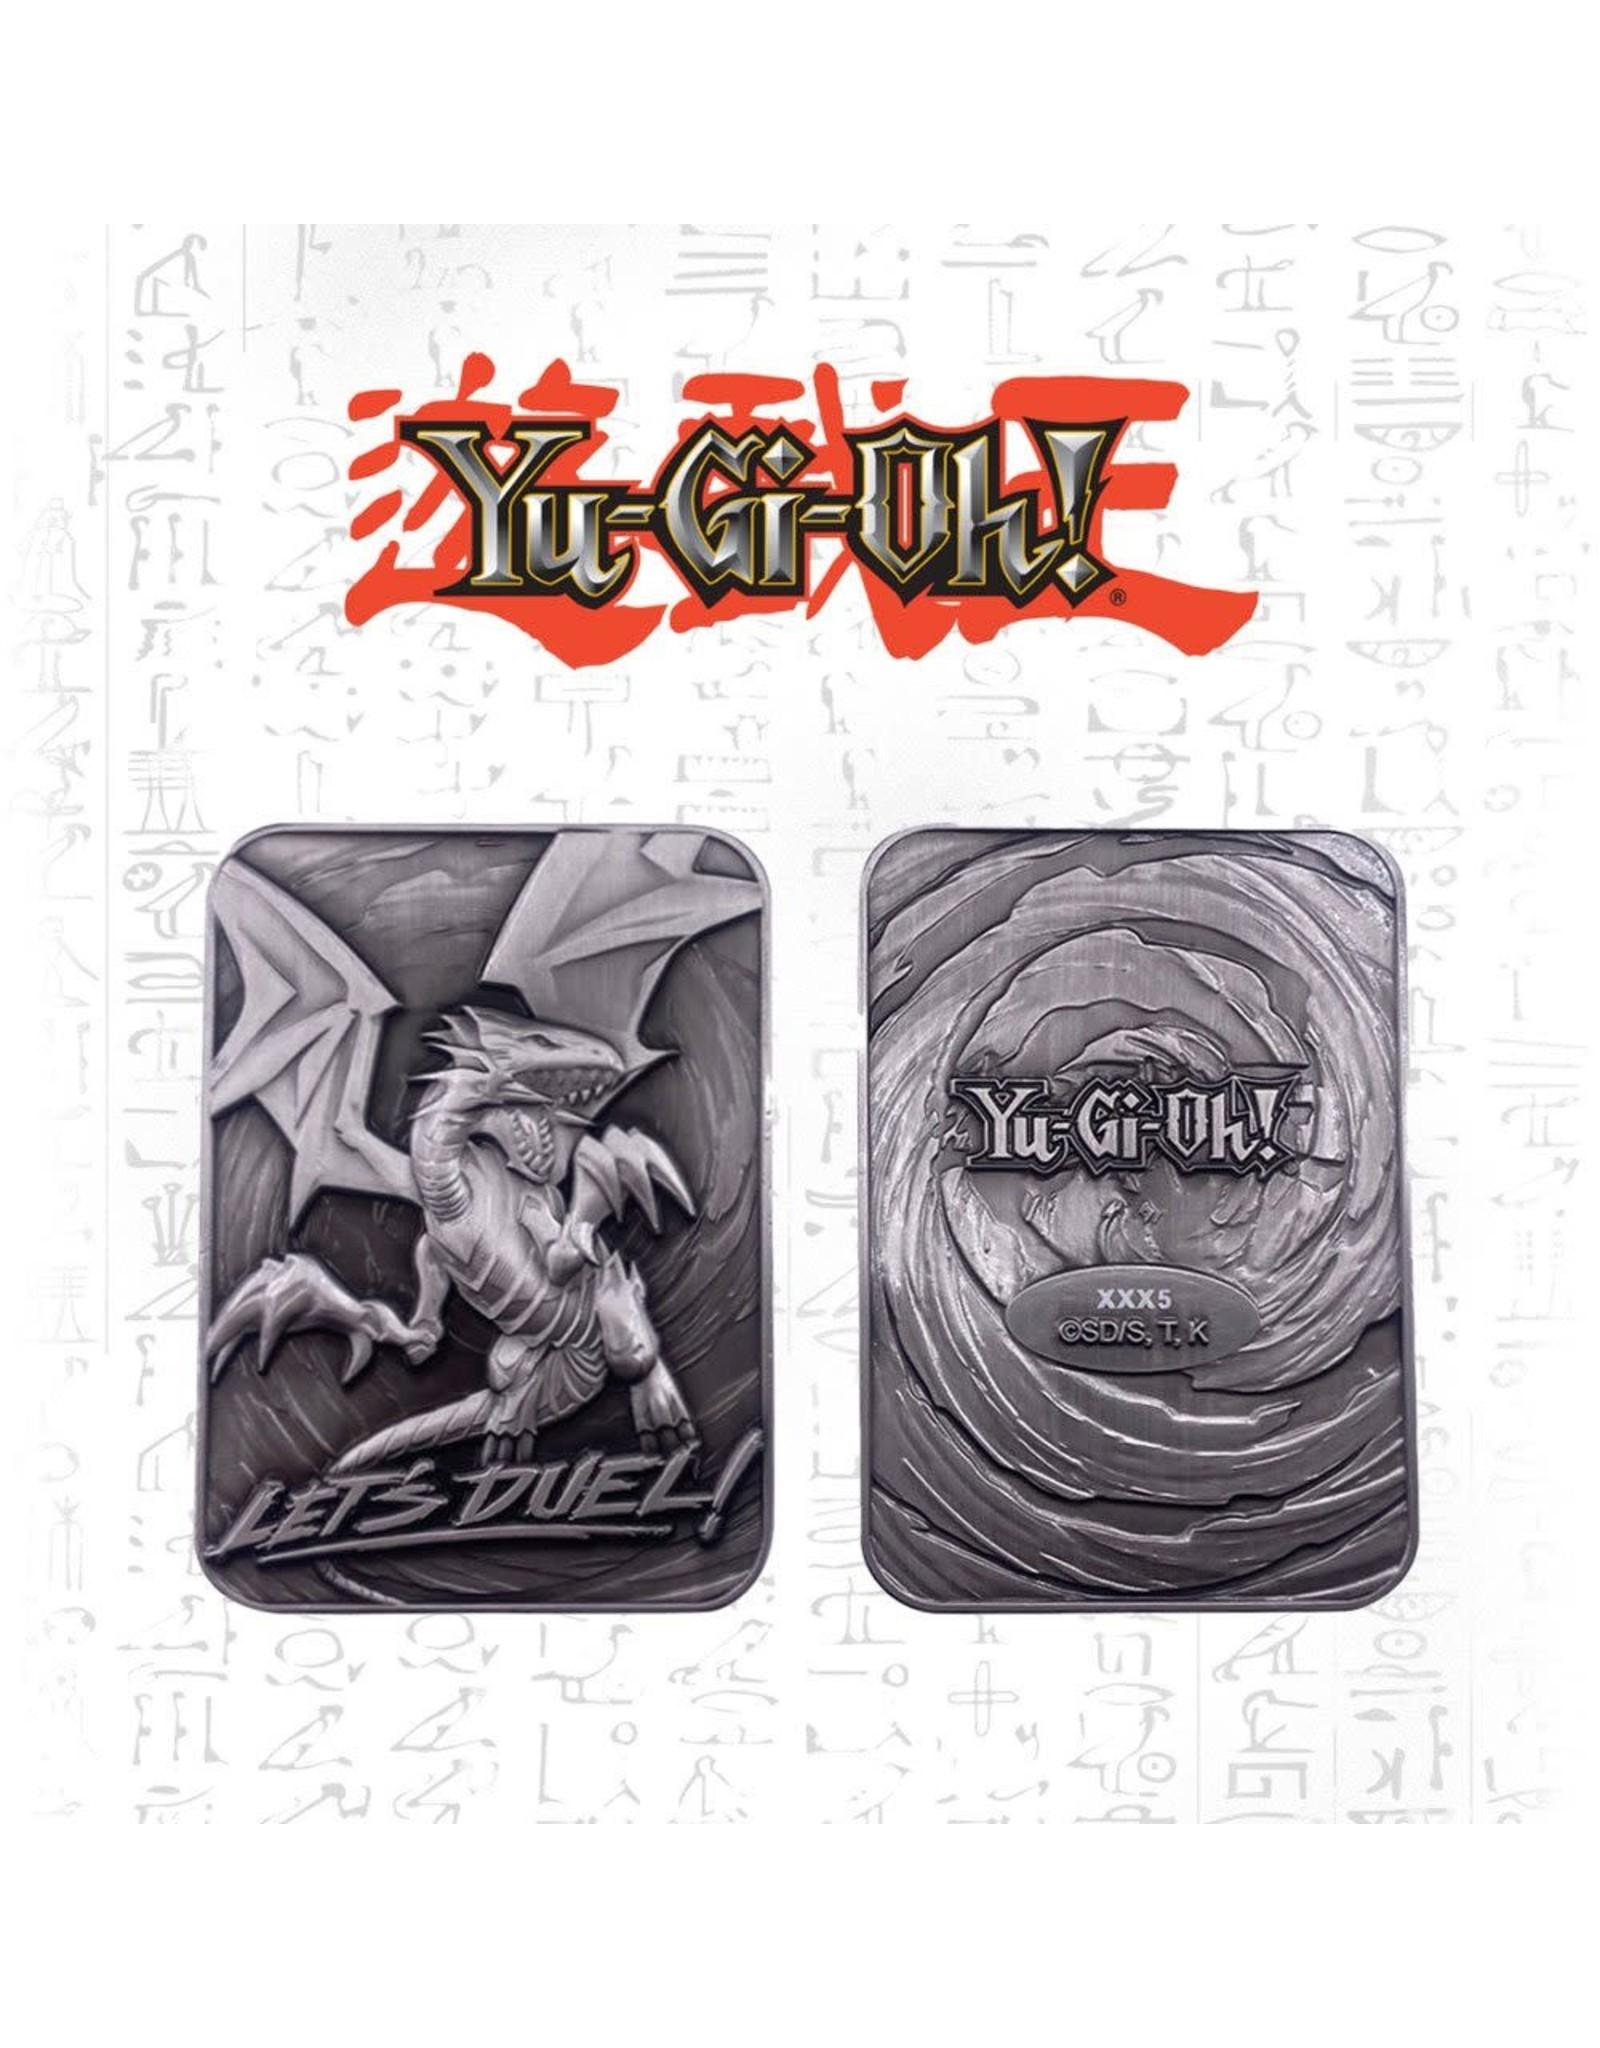 FaNaTtik YU-GI-OH! Replica God Card - Blue Eyes White Dragon Limited Edition